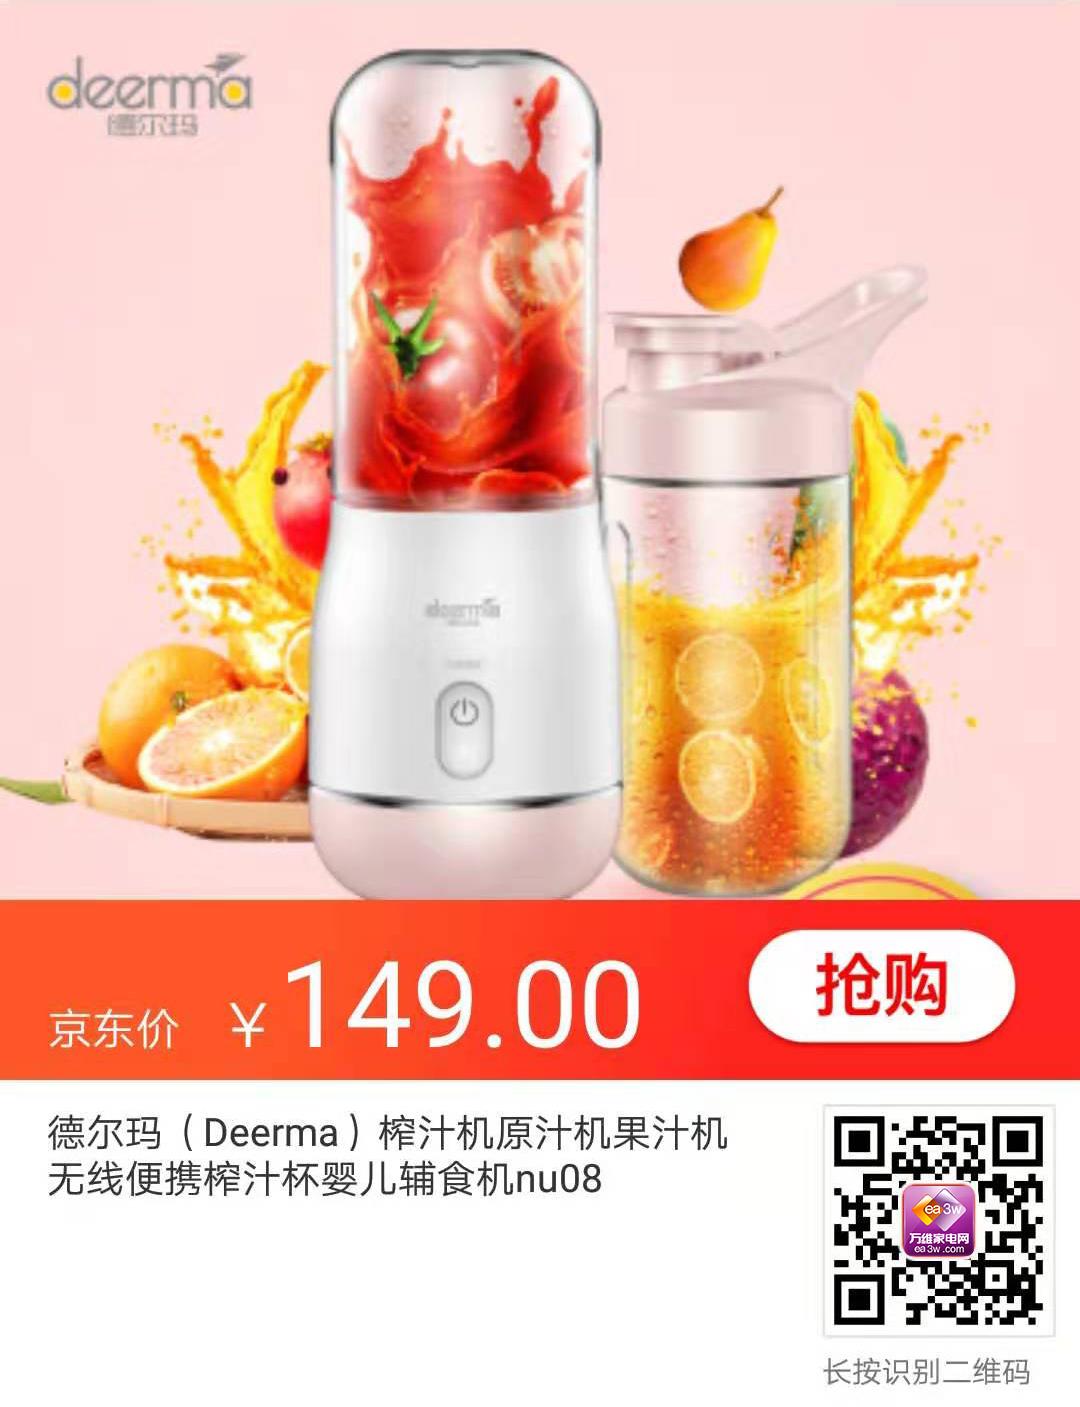 适合一人食的迷你便携式榨汁机,你需要吗?